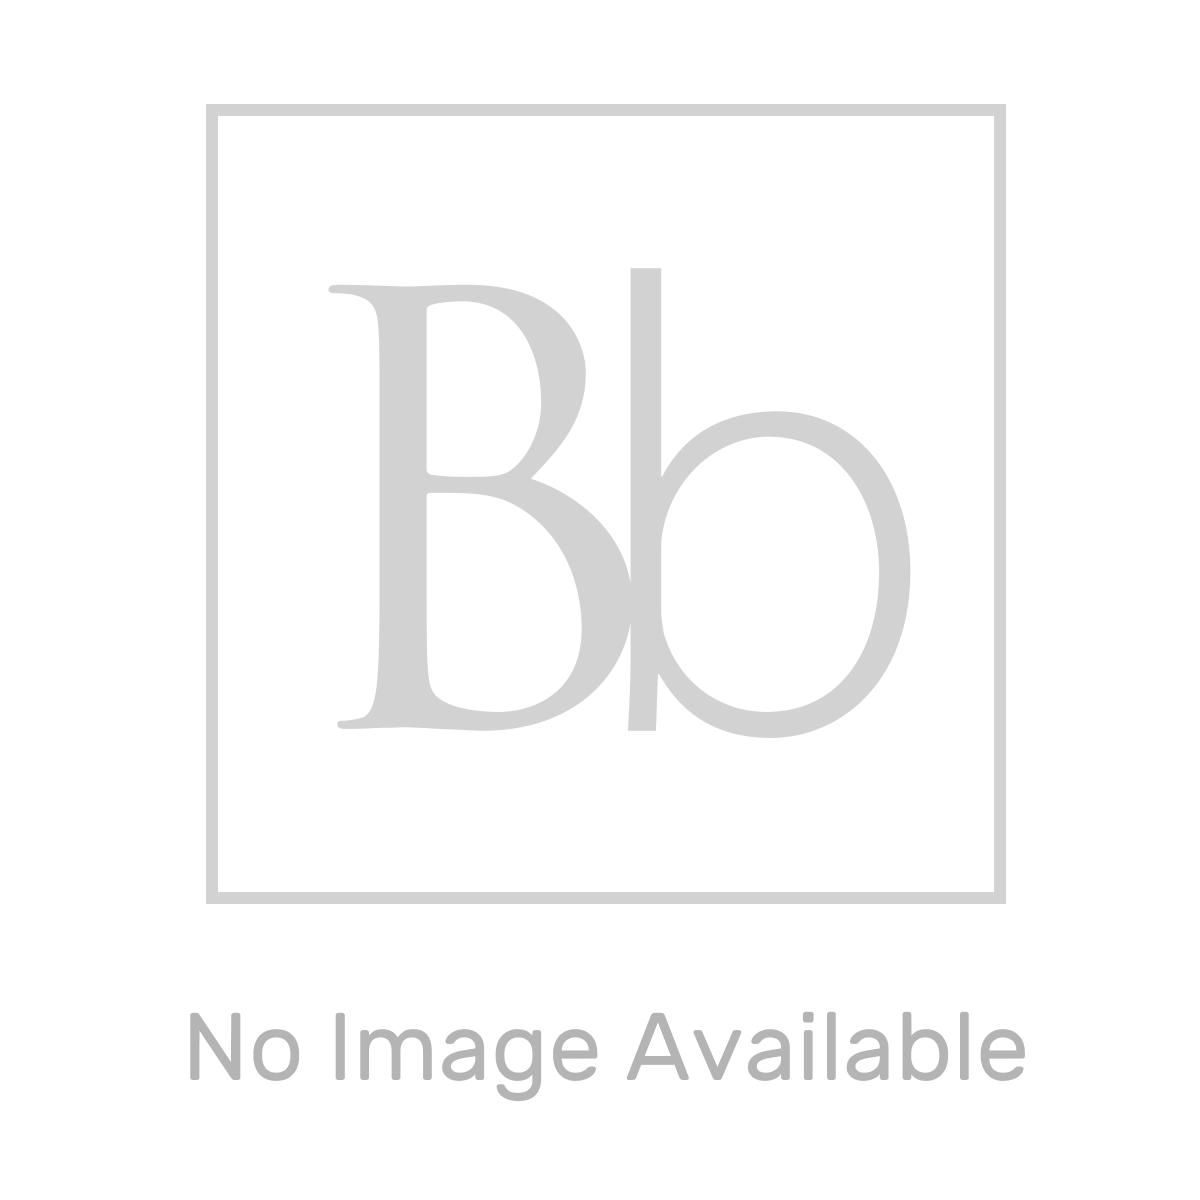 Kartell Encore White Mirror and Light 450mm